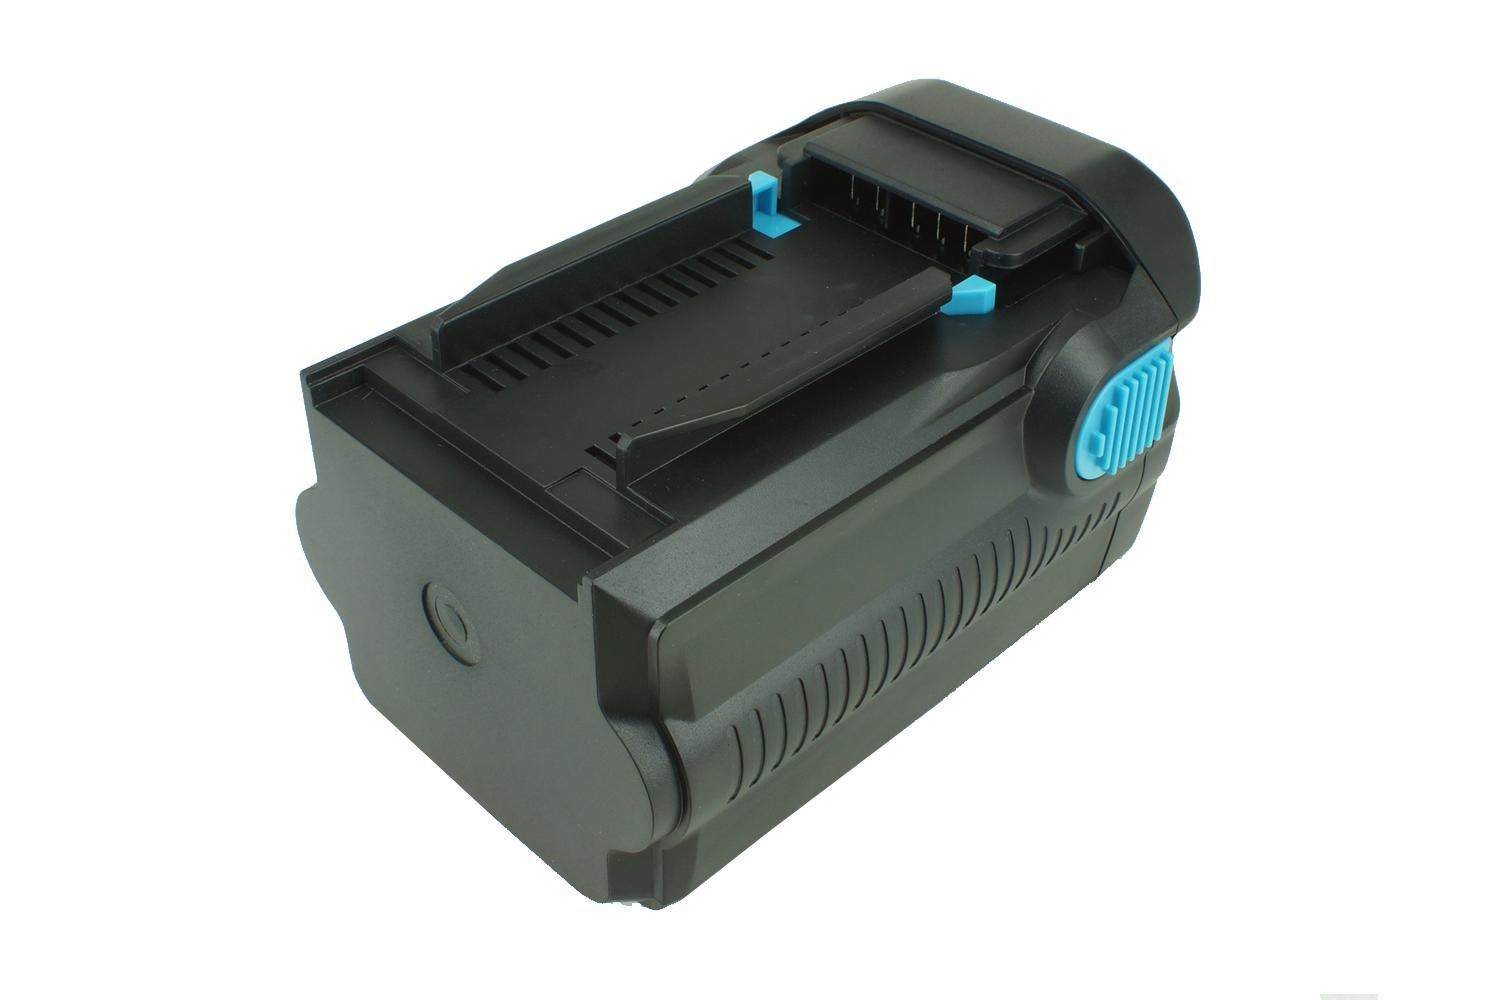 PowerSmart® 36V 4500mAh Li-ION Batterie B36/3.9 pour Hilti Te 7-A, Te 7A, WSC 7.25-A, WSC 7.25A, WSC 7.25-A36, WSC 7.25A 36, WSC 70-A36, WSC 70A 36, WSR 36-A, WSR 36A THL005.86D